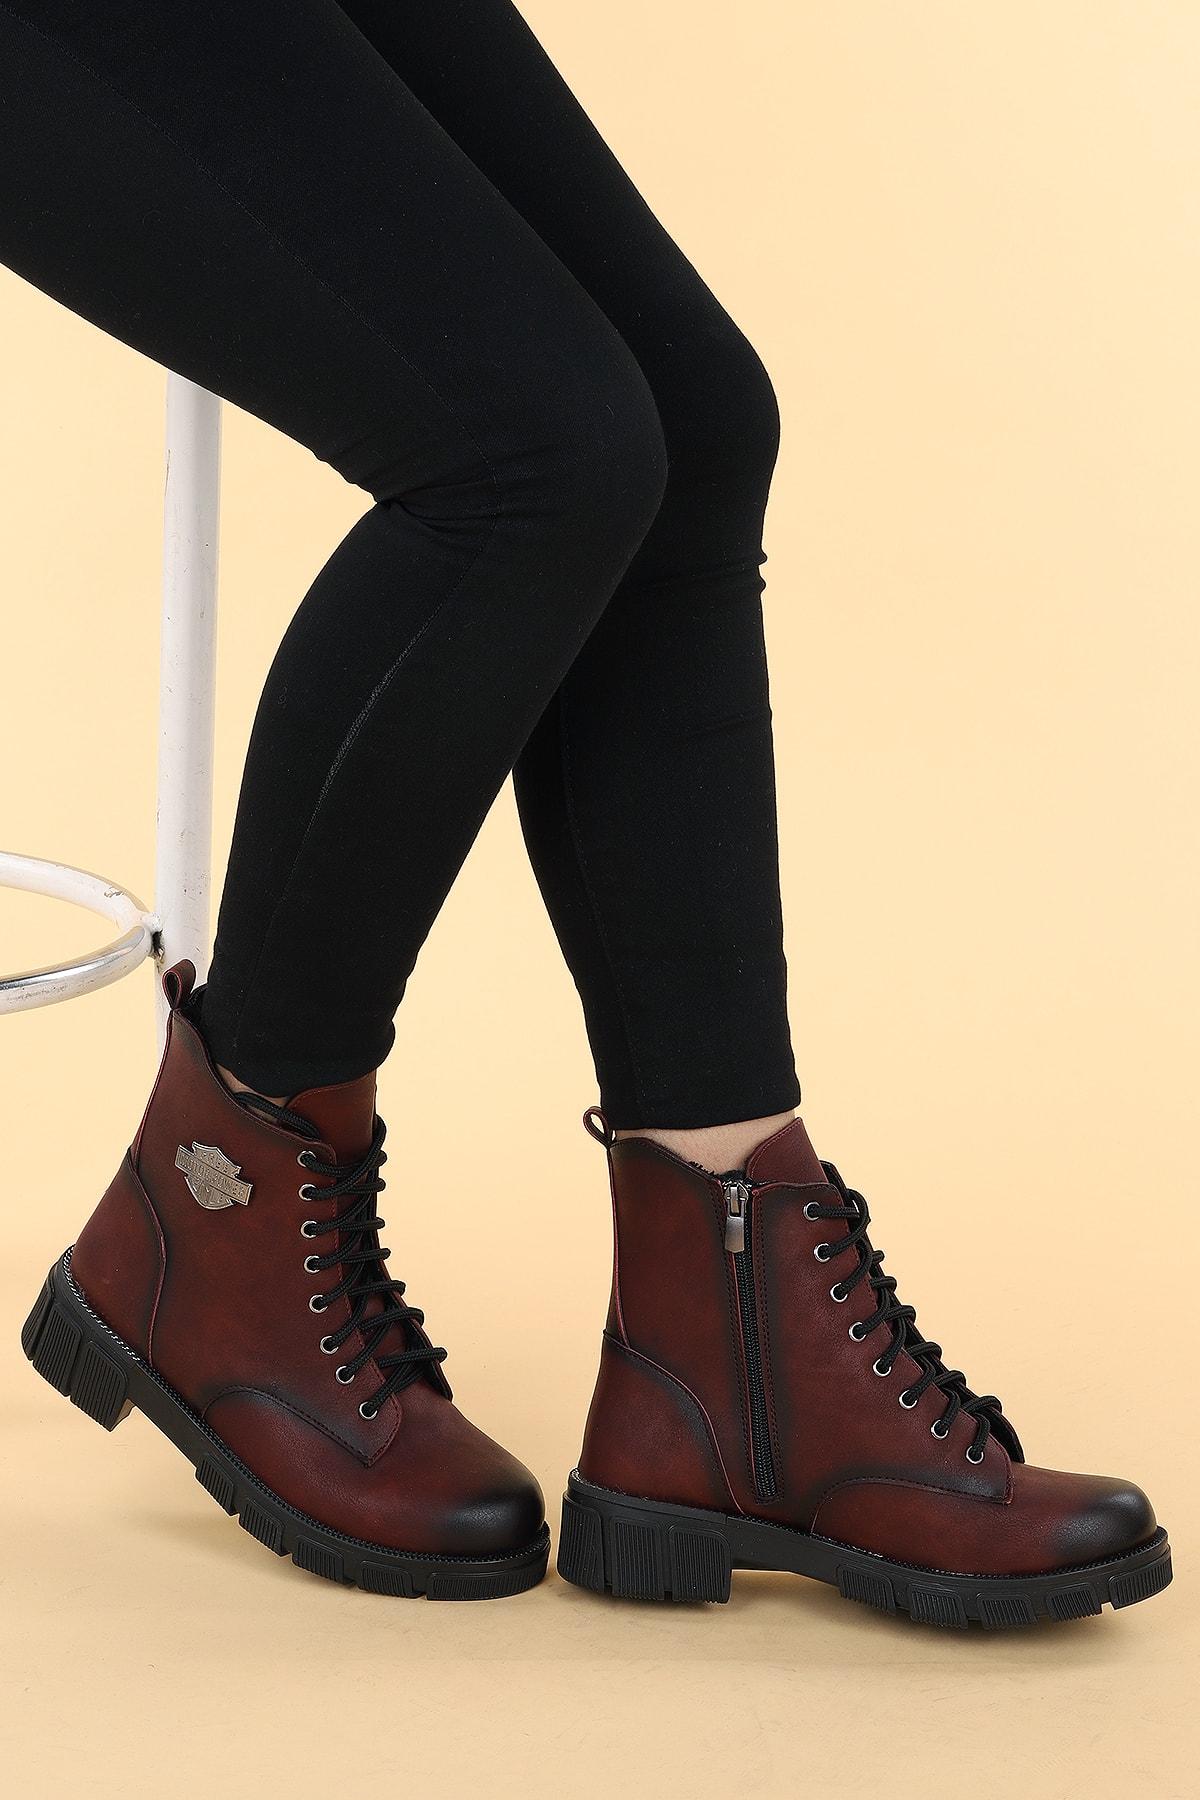 Ayakland Kadın Bordo Termo Taban Fermuarlı Bot Ayakkabı 2